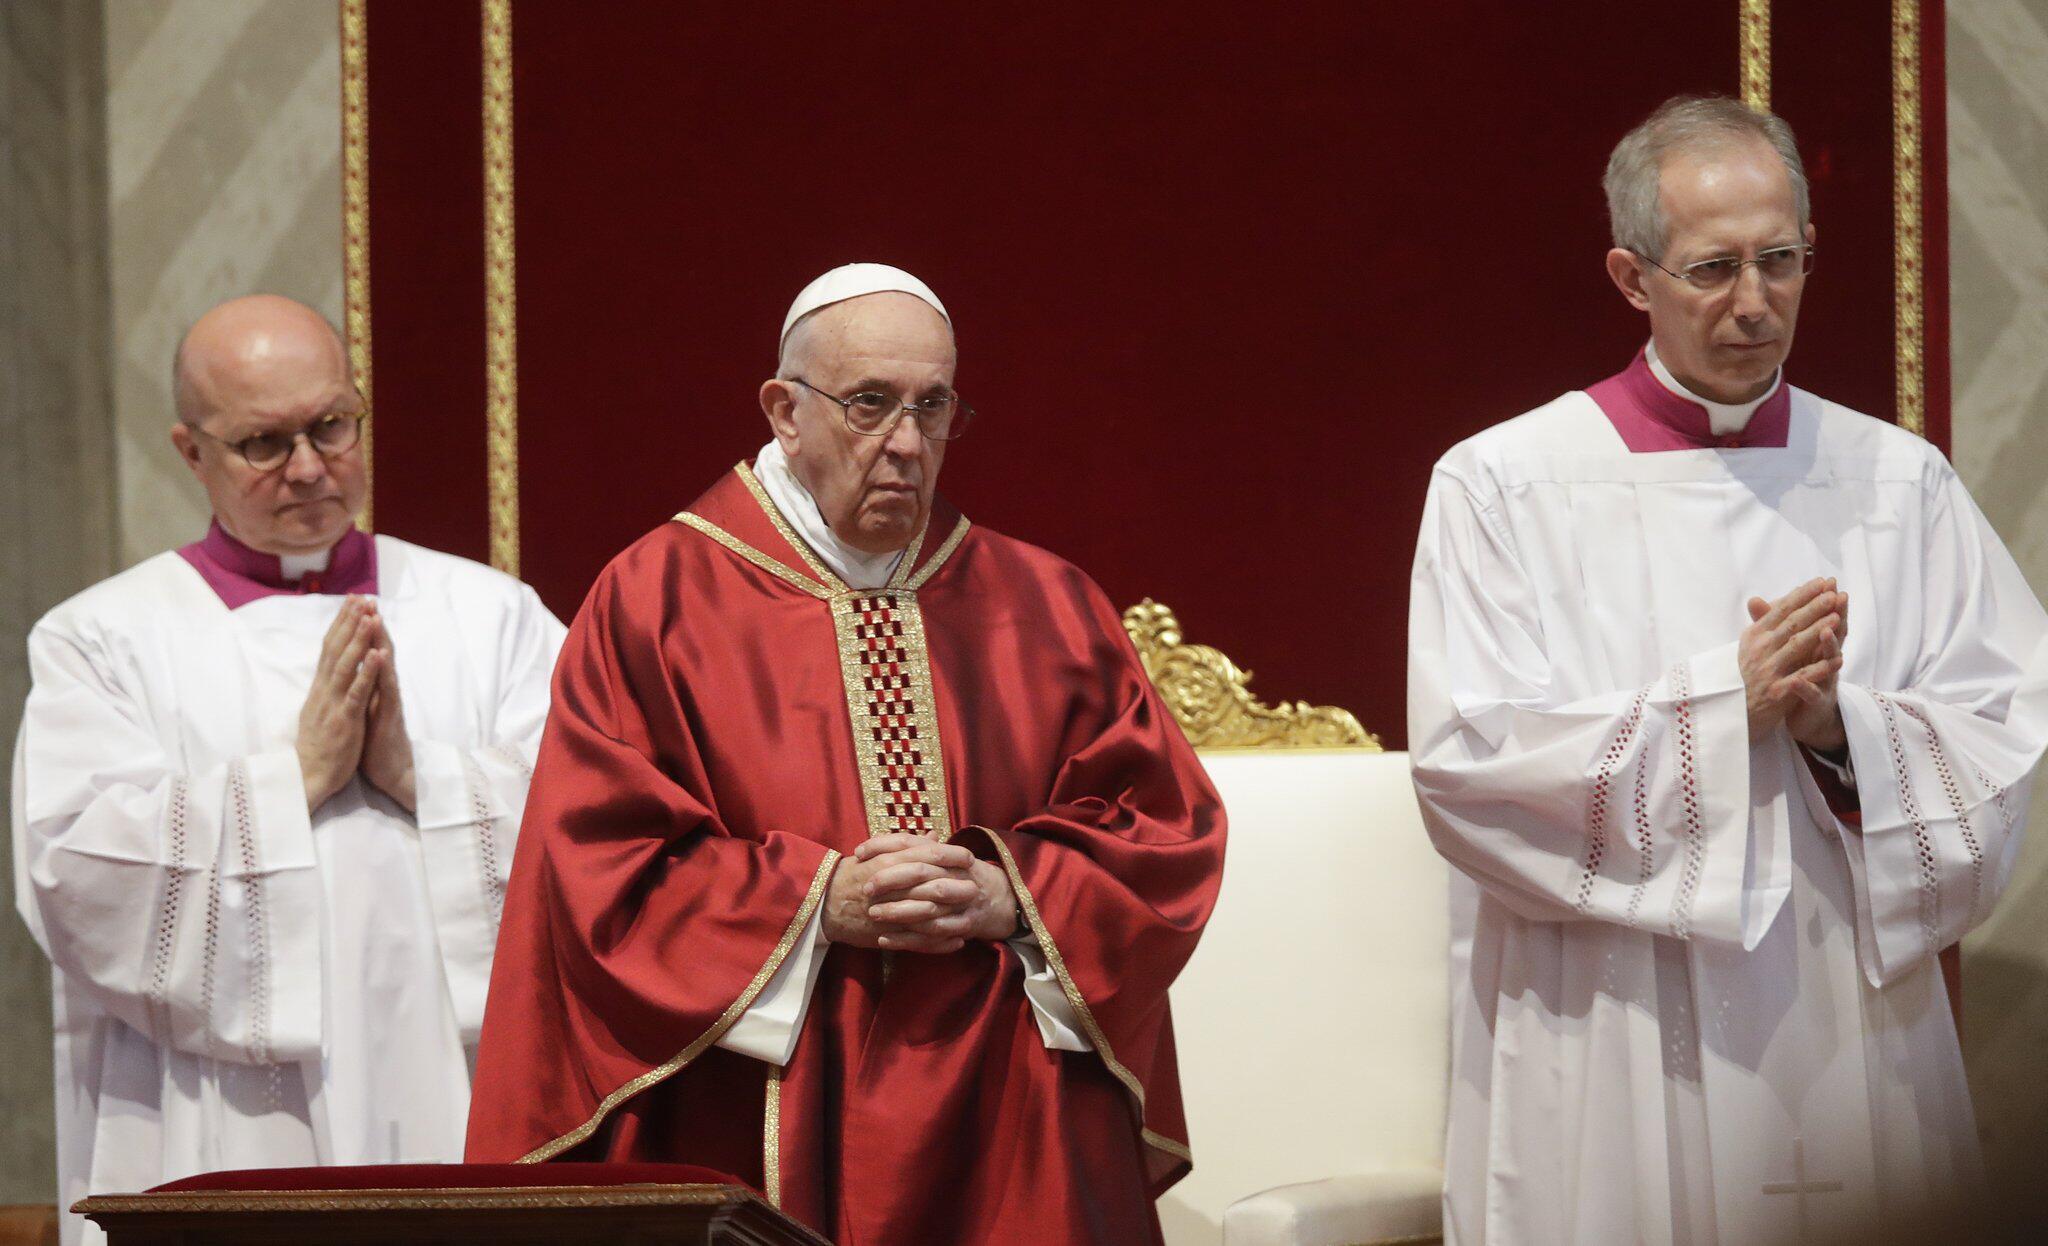 Bild zu Osterfeierlichkeiten im Vatikan